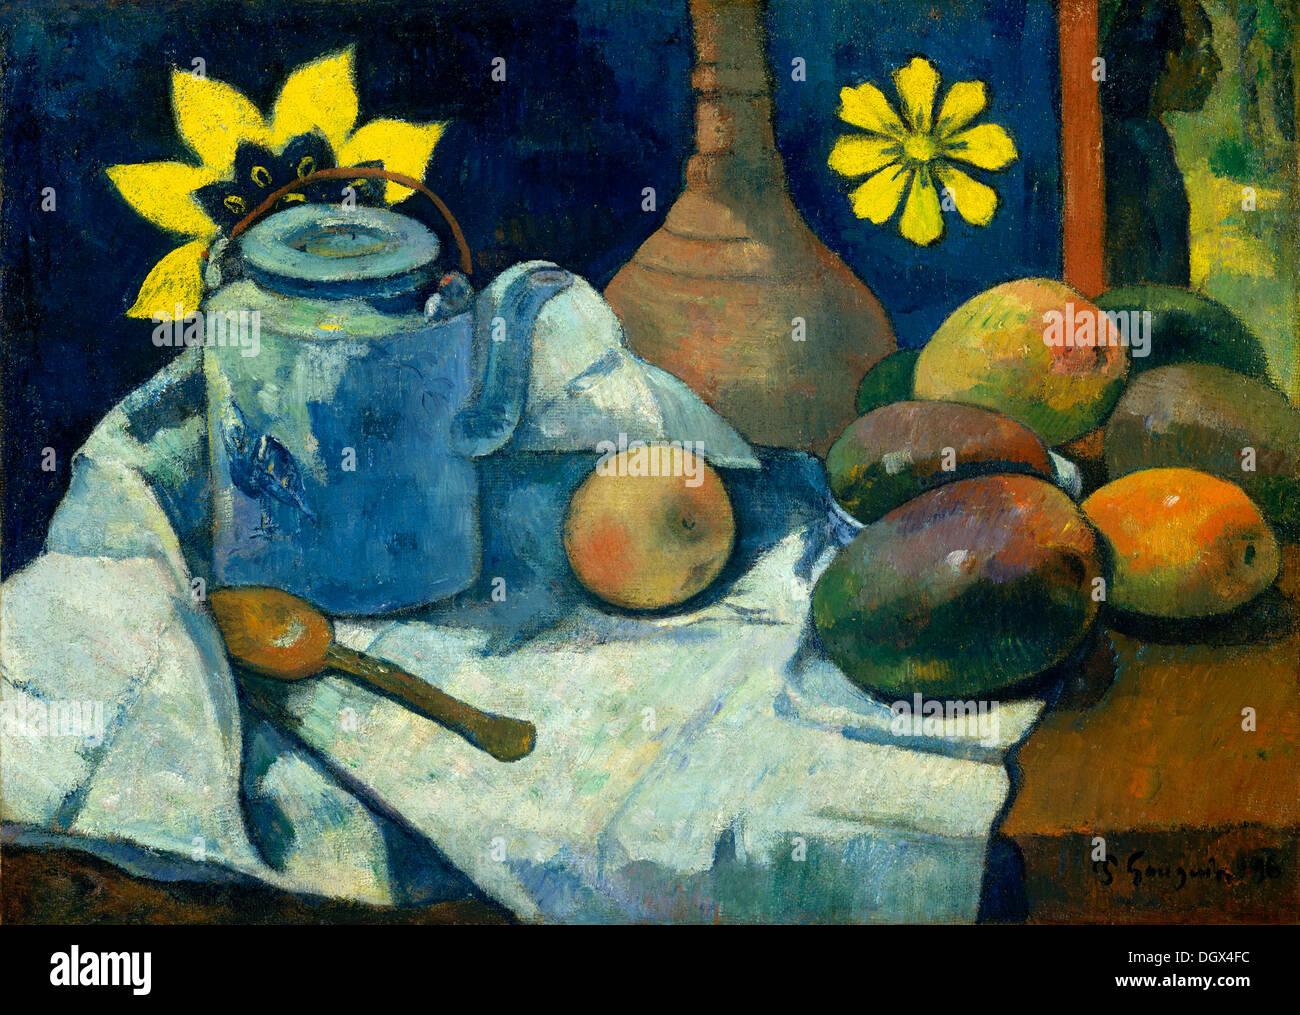 Bodegón con tetera y fruta - por Paul Gauguin, 1896 Imagen De Stock